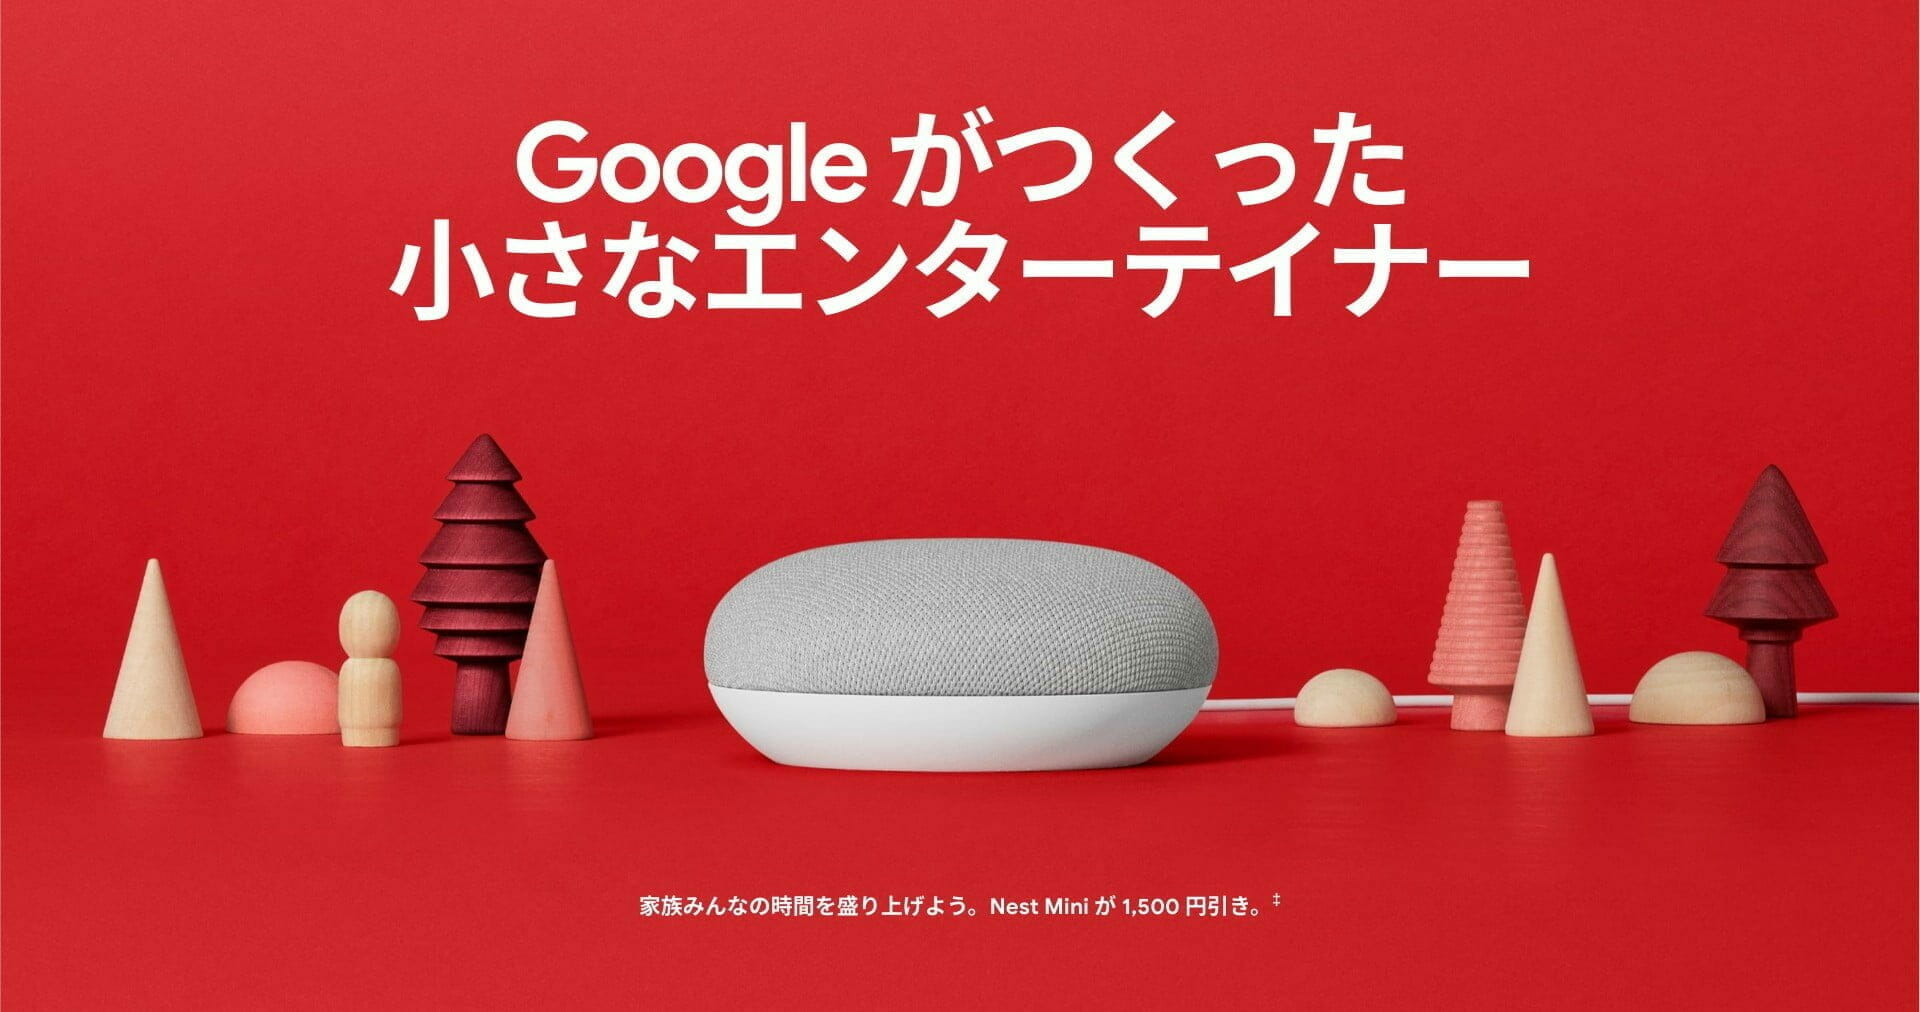 Google ホリデー デザイン:スマートスピーカー「Google Nest Mini」